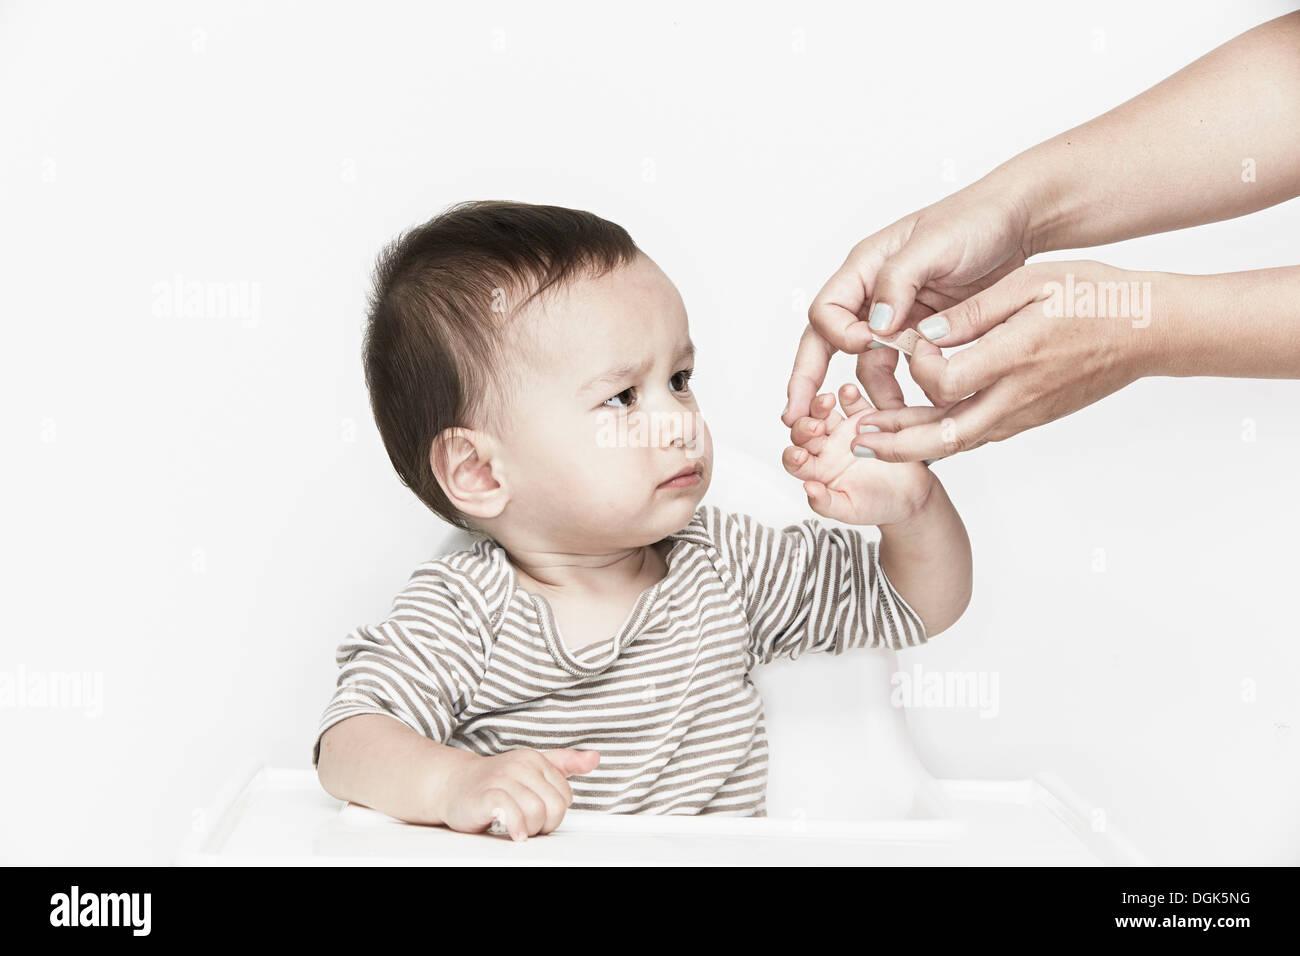 Manos aplicando la pasta a dedo del bebé Imagen De Stock